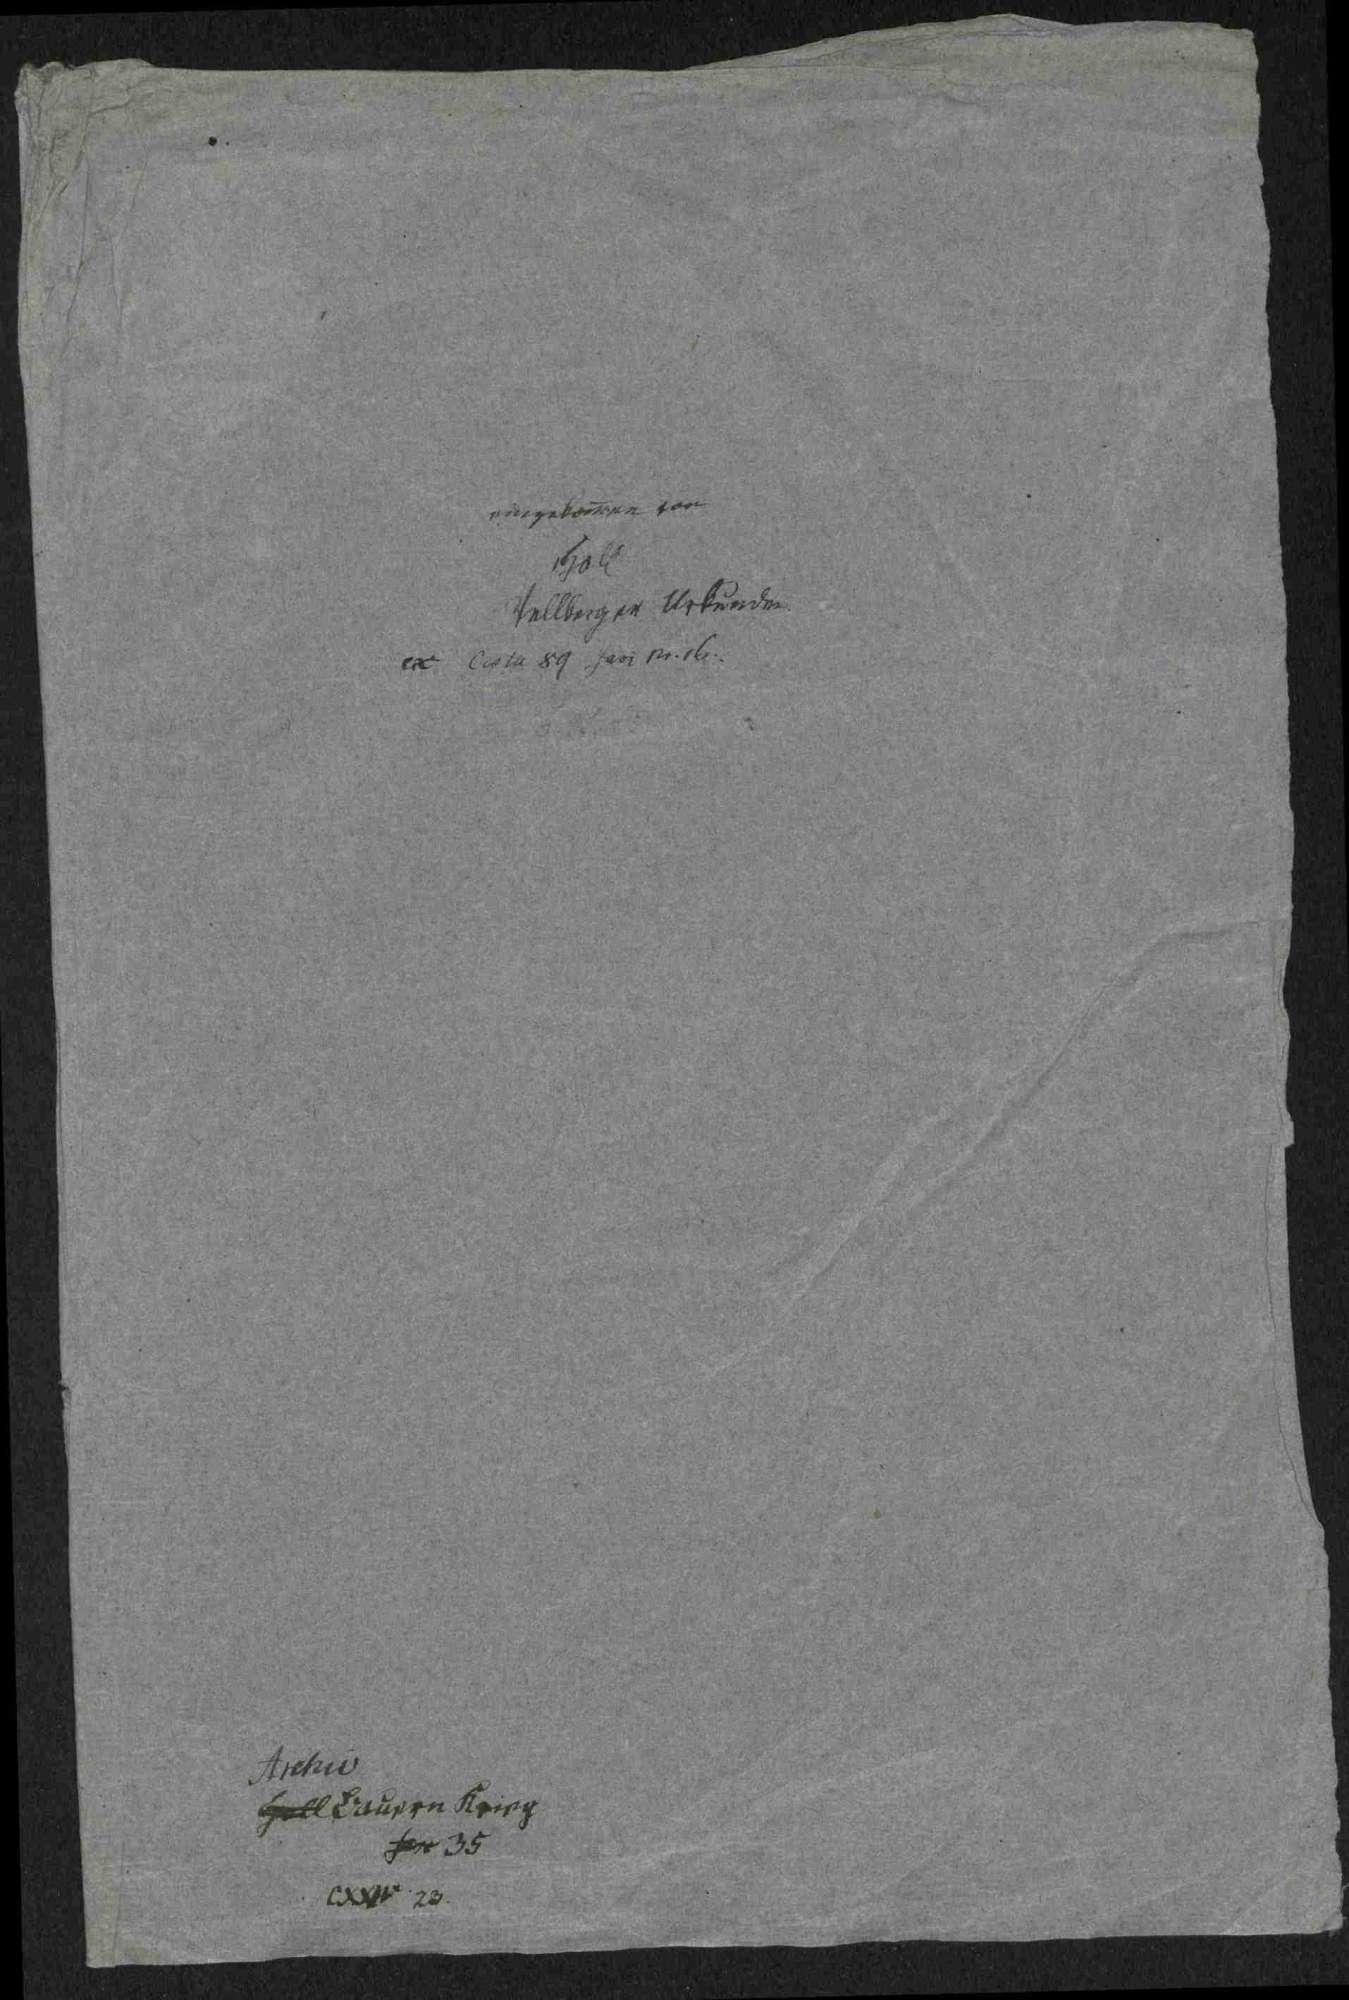 Fünf Schreiben an Junker Wolf von Vellberg wegen der Bedrohung durch die Bauern und Vellbergs Übertritt zu den Aufrührern, Bild 2